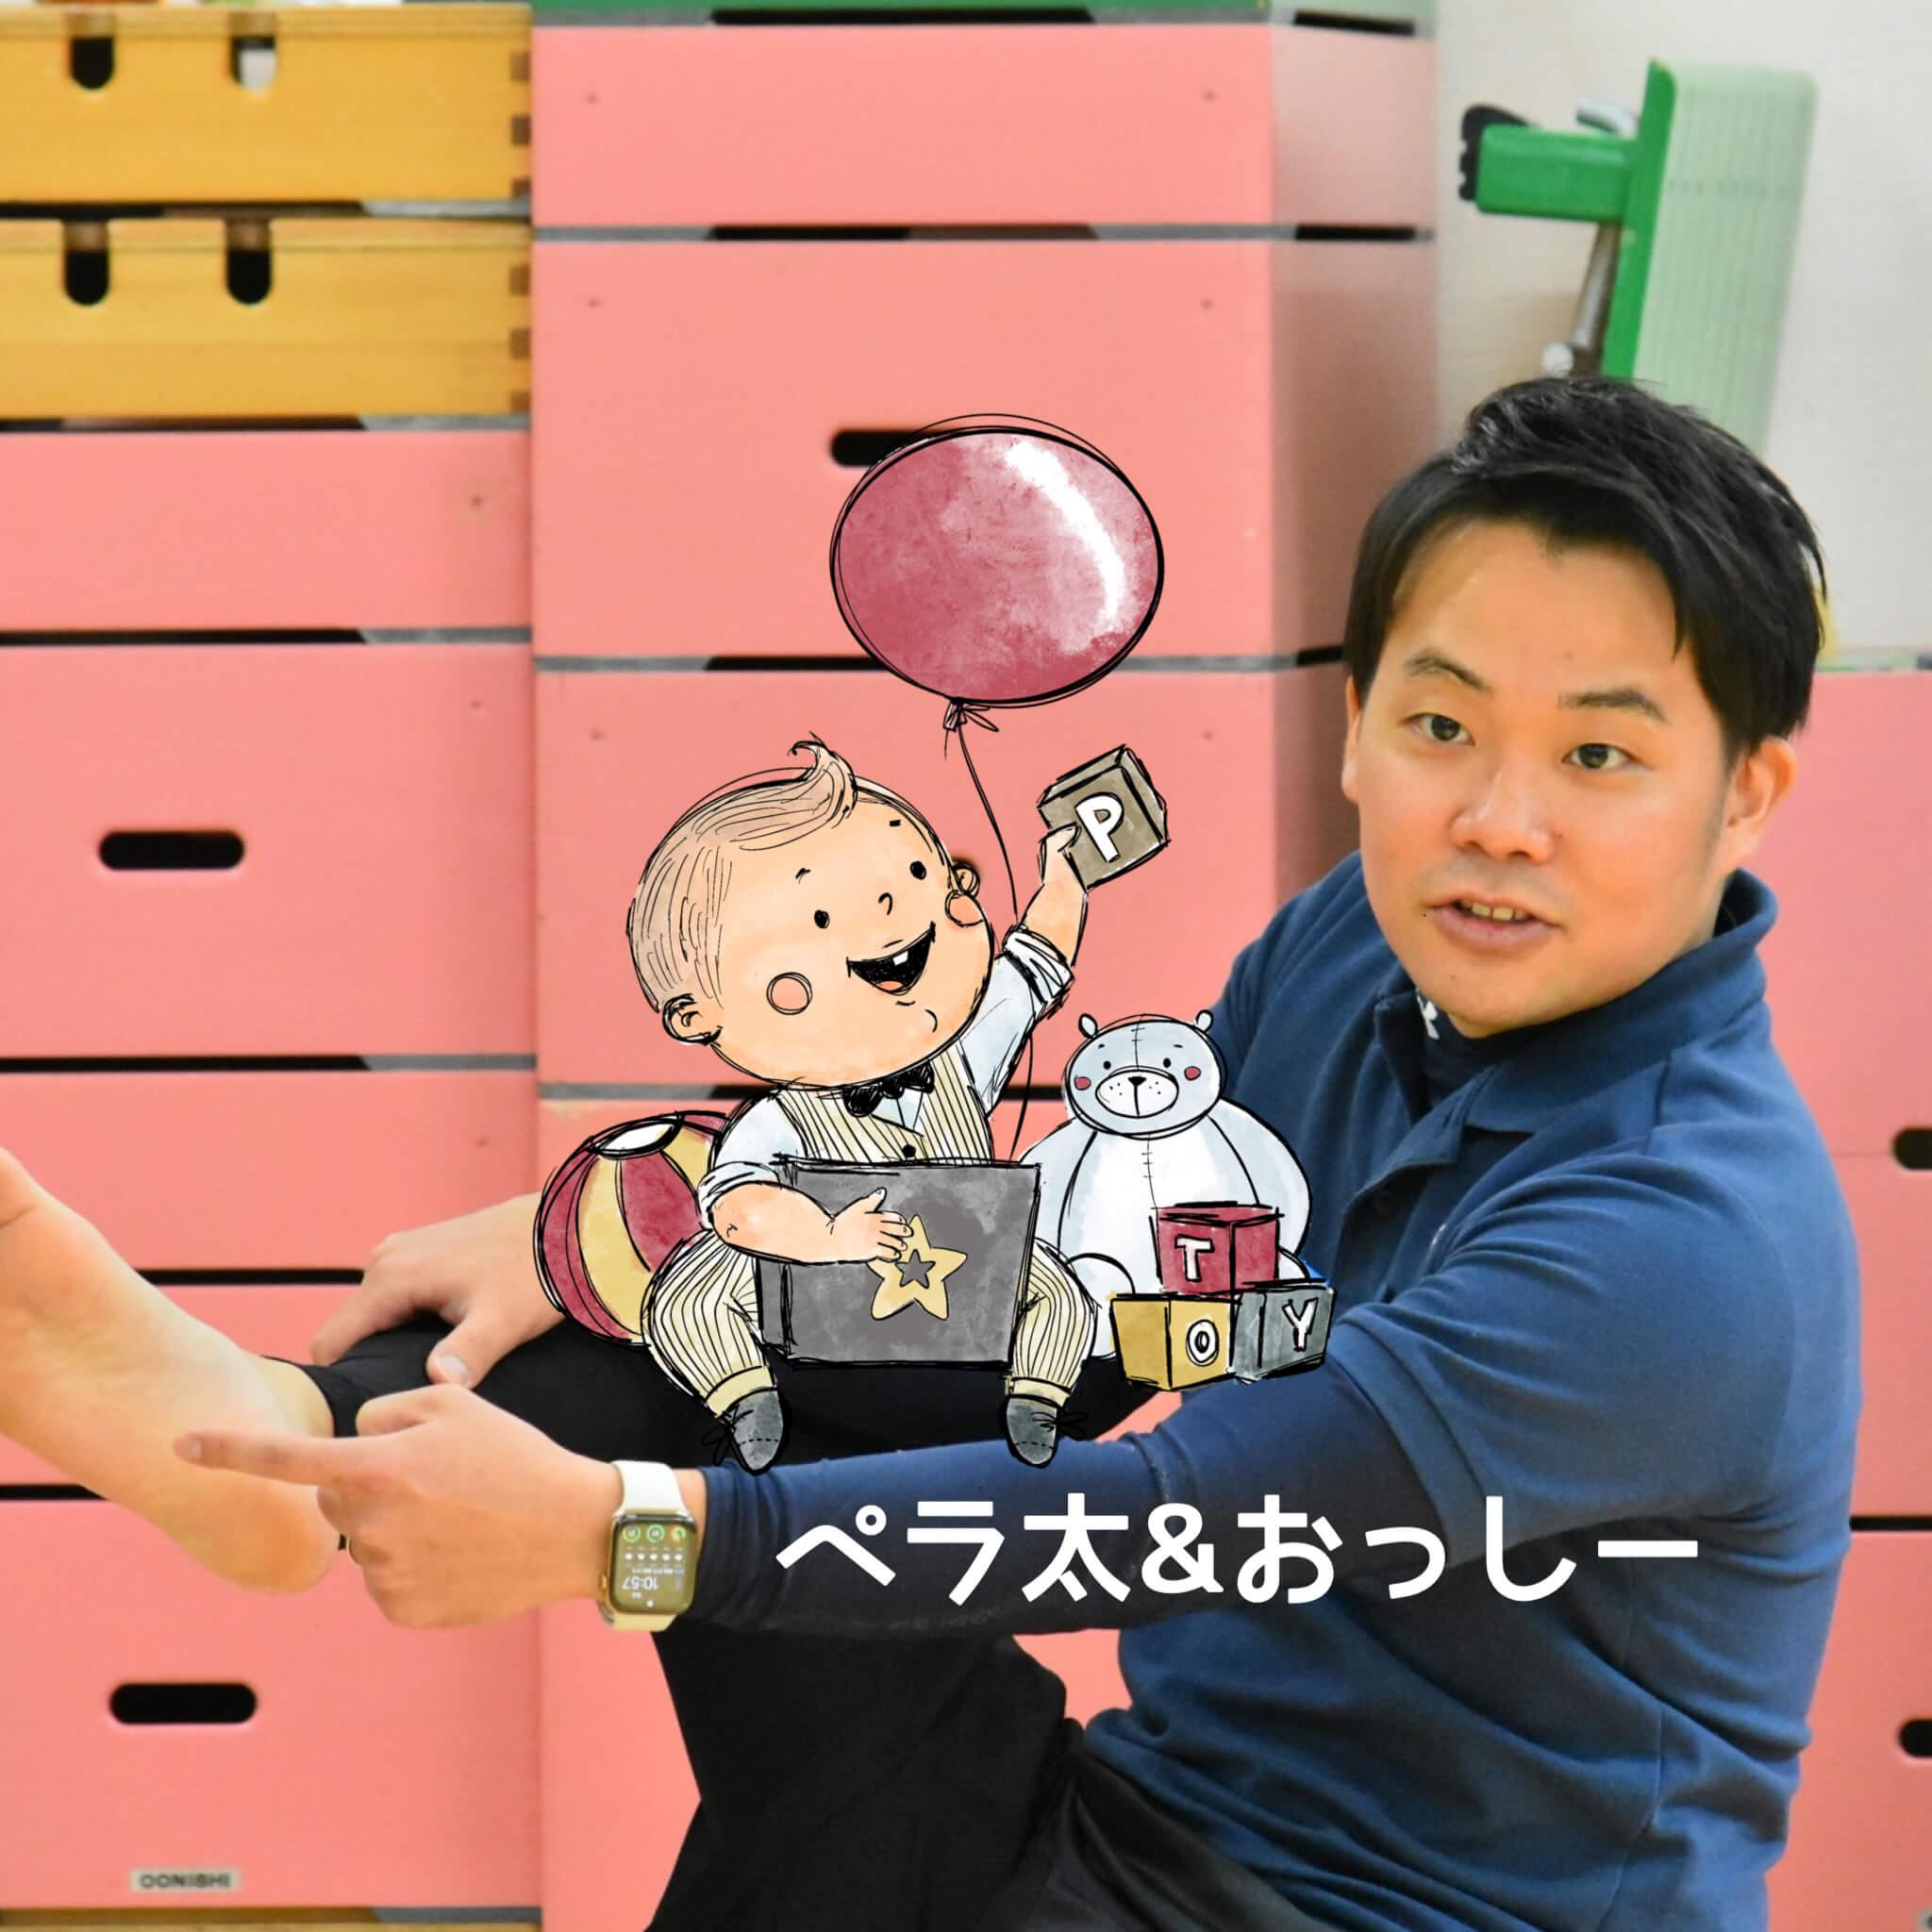 押川武将(おしかわ たけまさ)